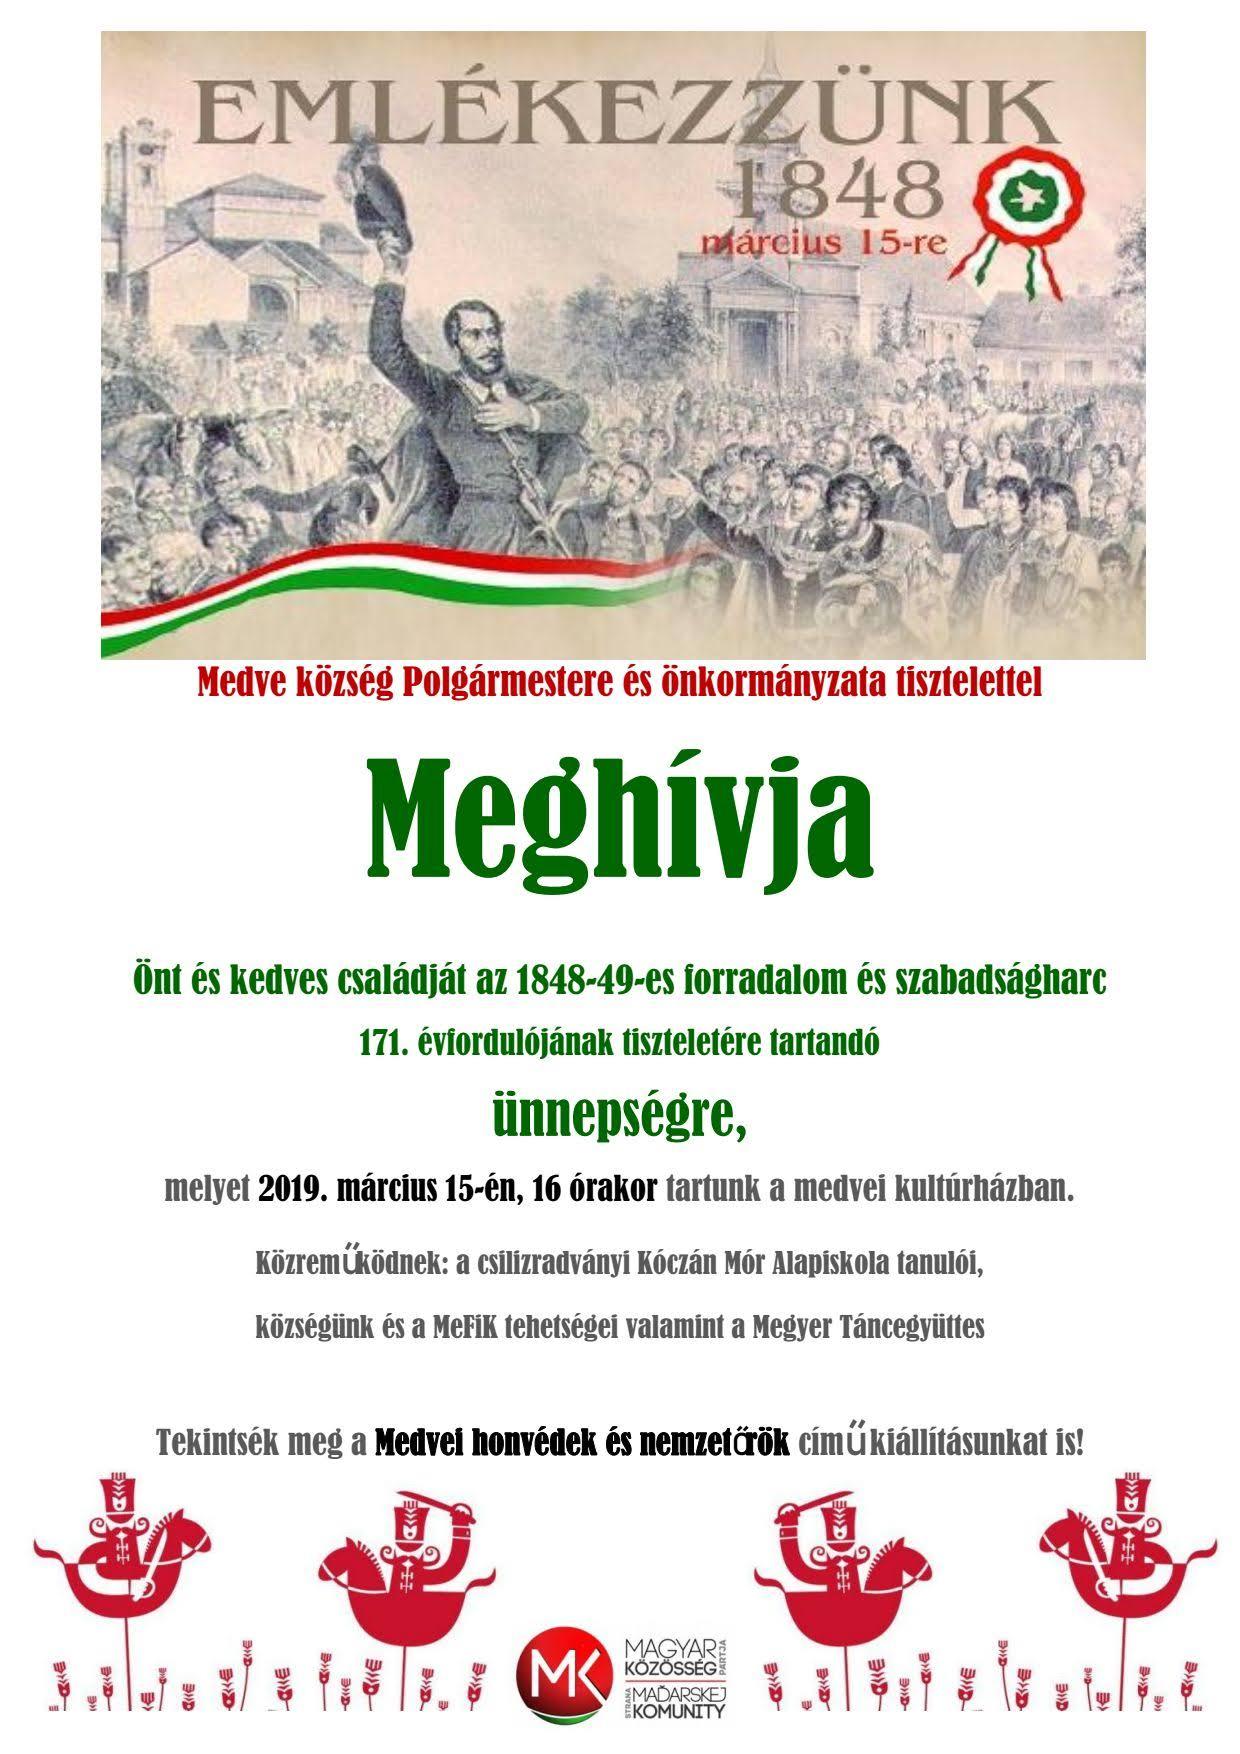 Emlékünnepség (1848/49-es forradalom és szabadságharc)